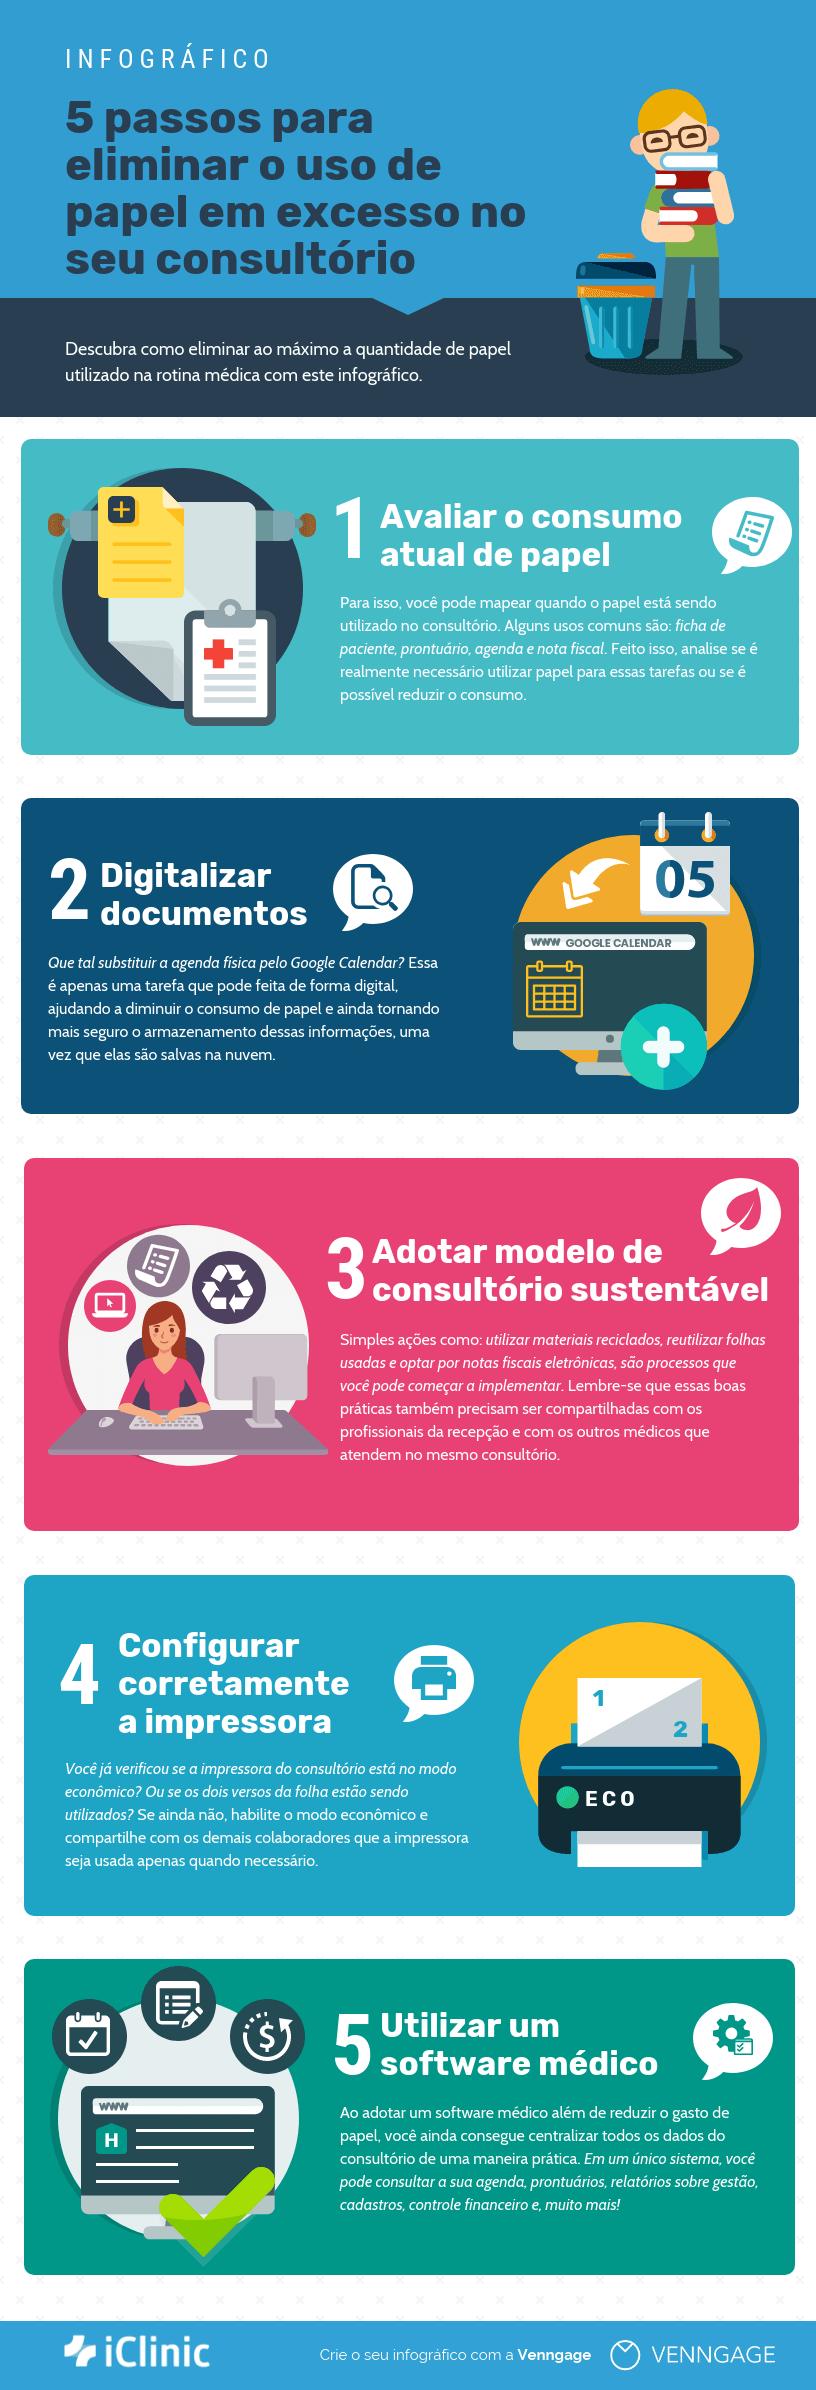 Infográfico com passo a passo para eliminar papel no consultório